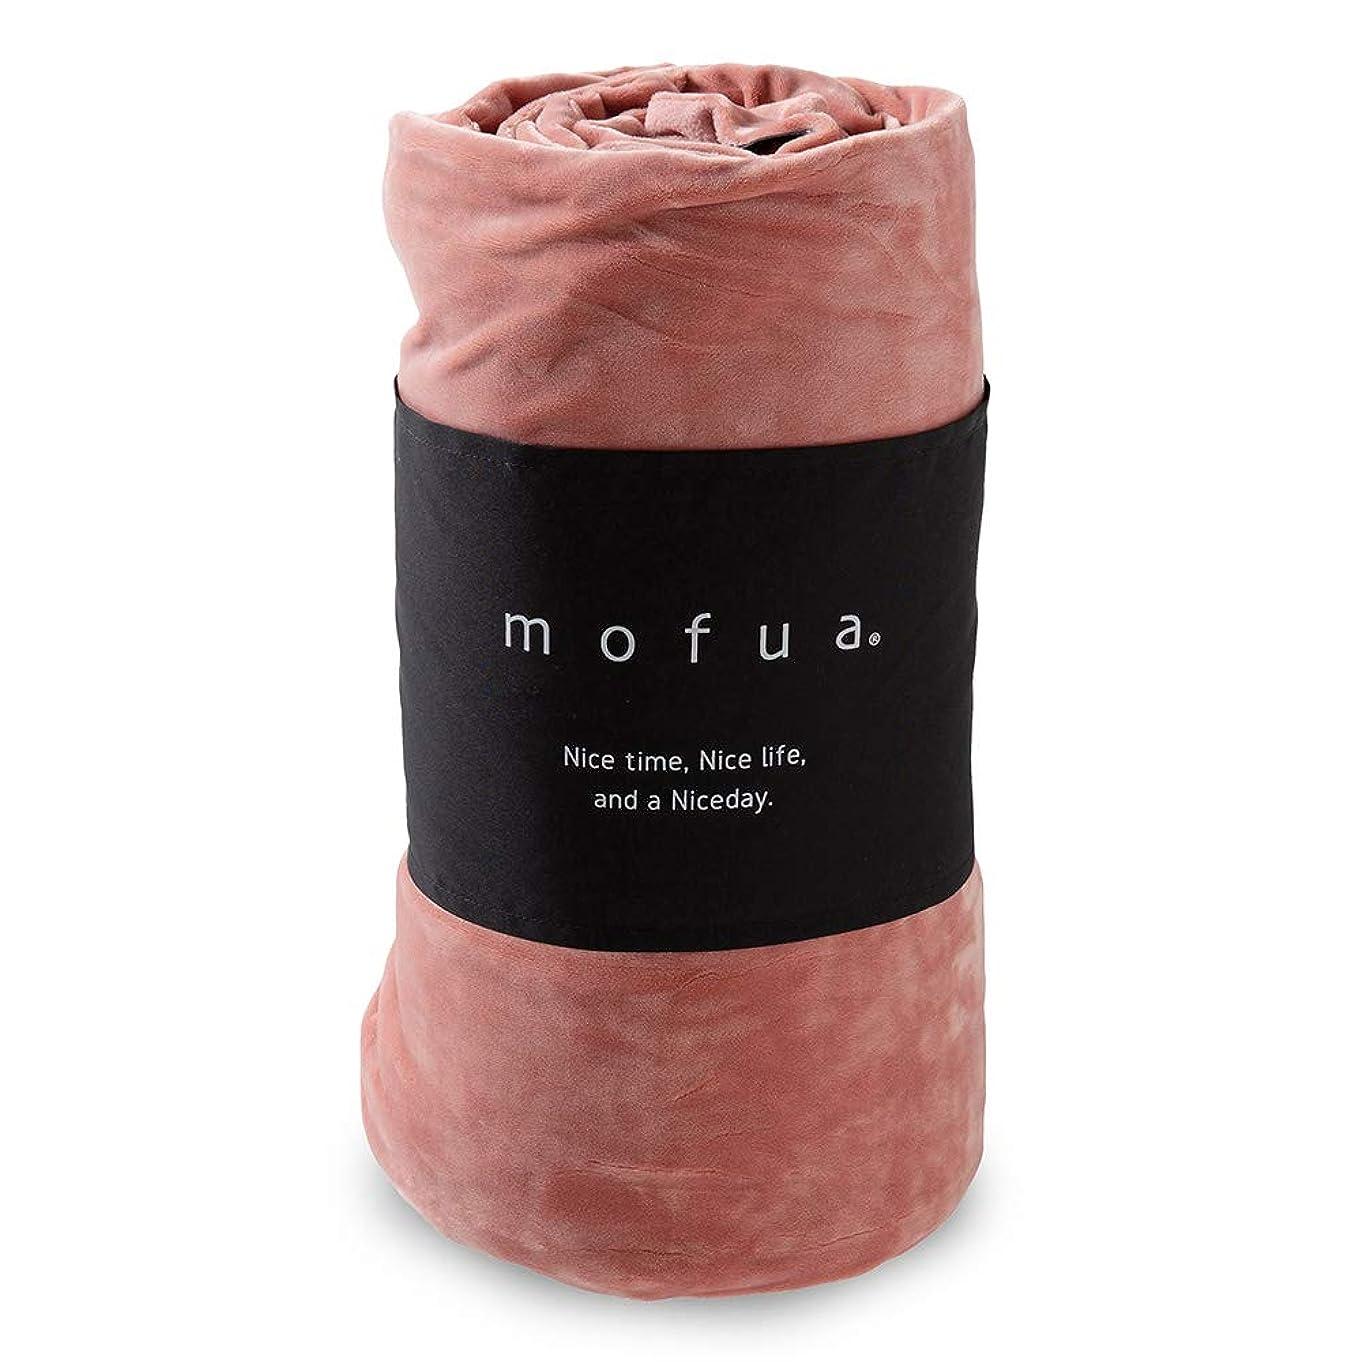 好意ロデオパッケージmofua ( モフア ) 掛け布団カバー うっとりなめらかパフ 布団を包める毛布 シングル シングル ピンク 55830101